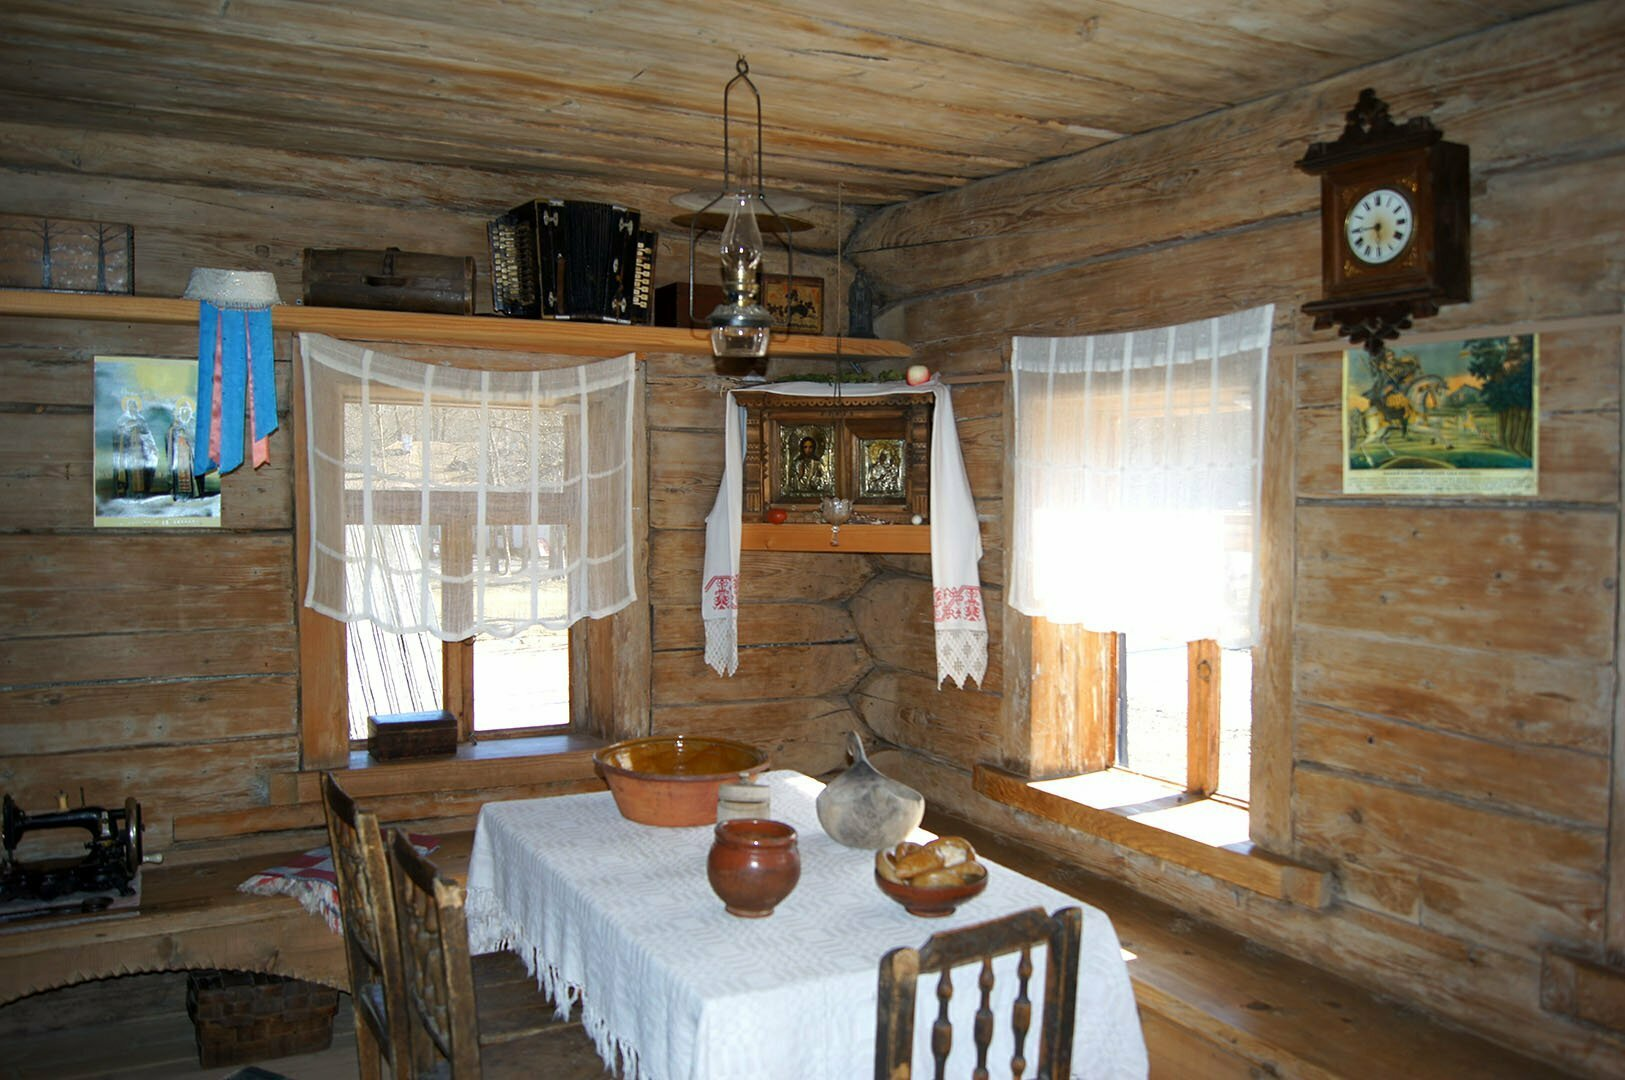 Передний угол в избе Екимовой. Музей деревянного зодчества в Великом Новгороде